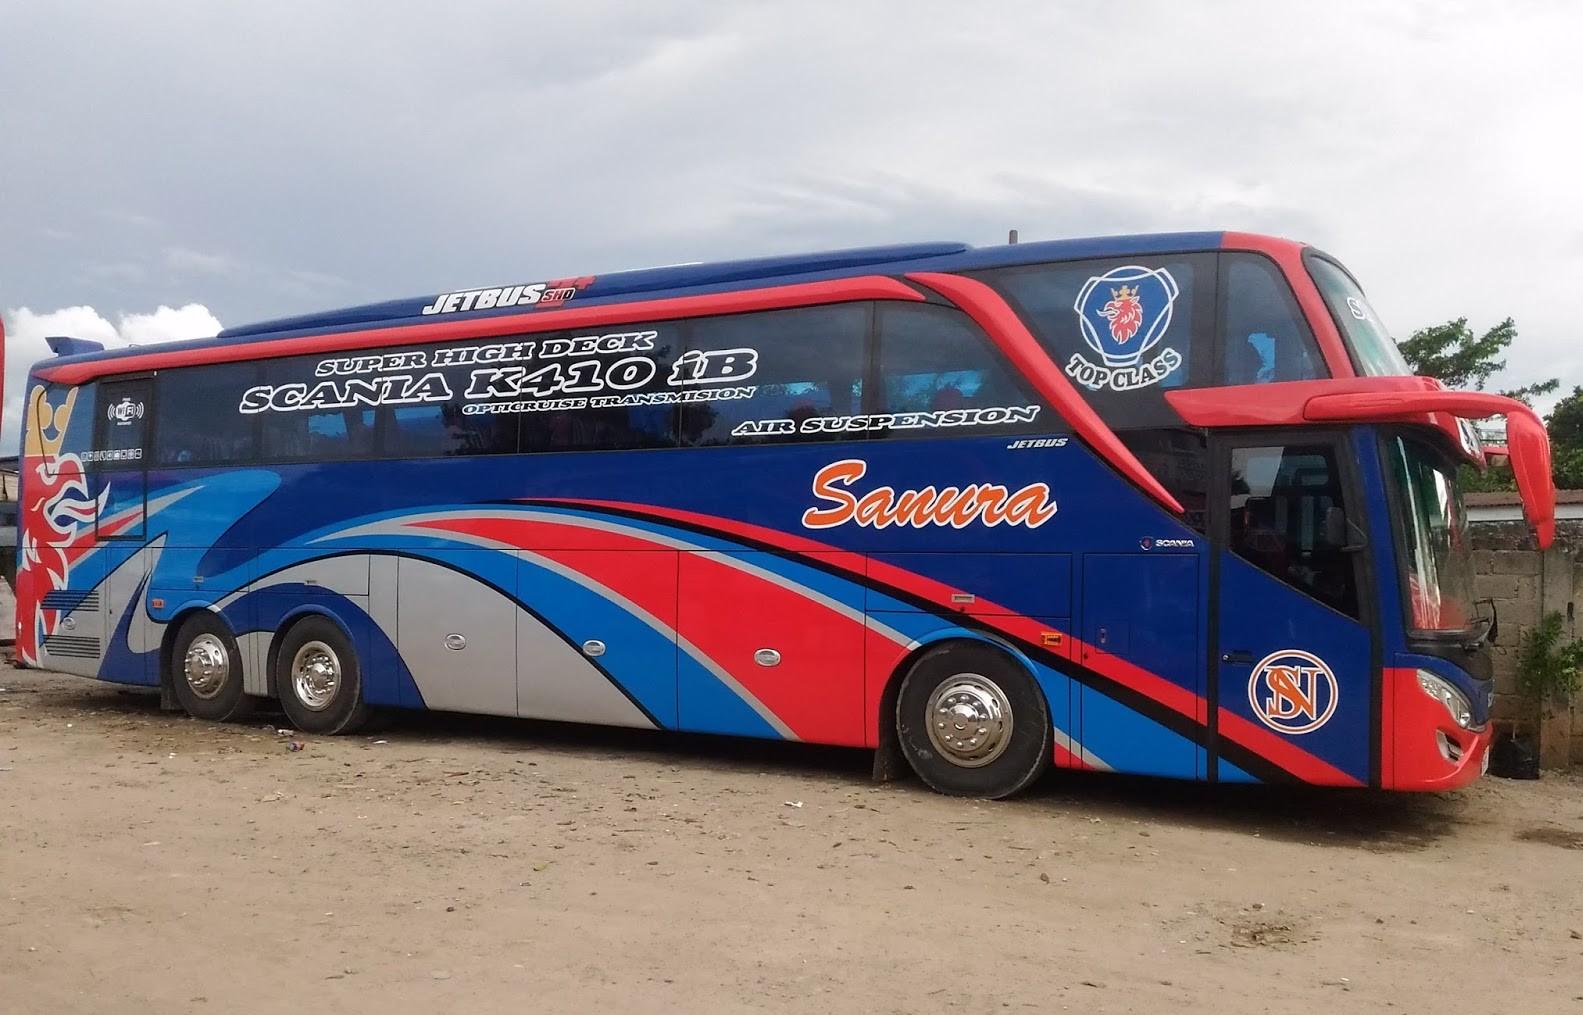 Harga Sasis Bus Scania Yang Di Jual Di Indonesia 4